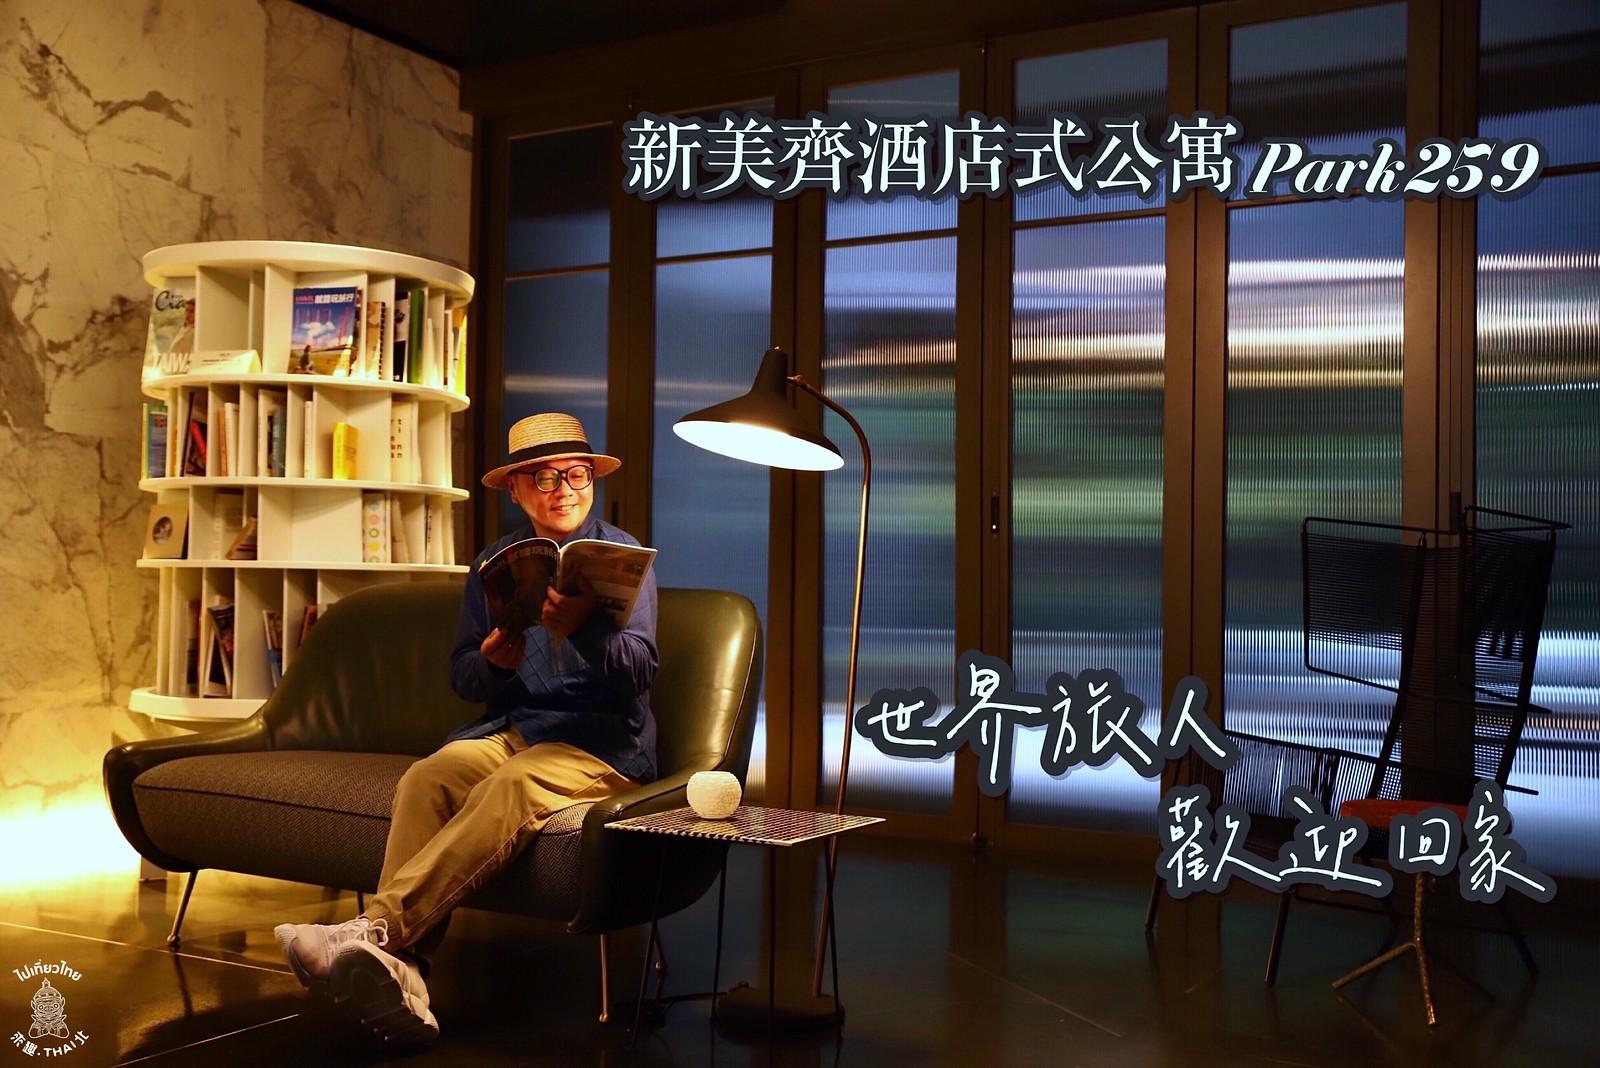 世界旅人。歡迎回家『新美齊酒店式公寓Park259』